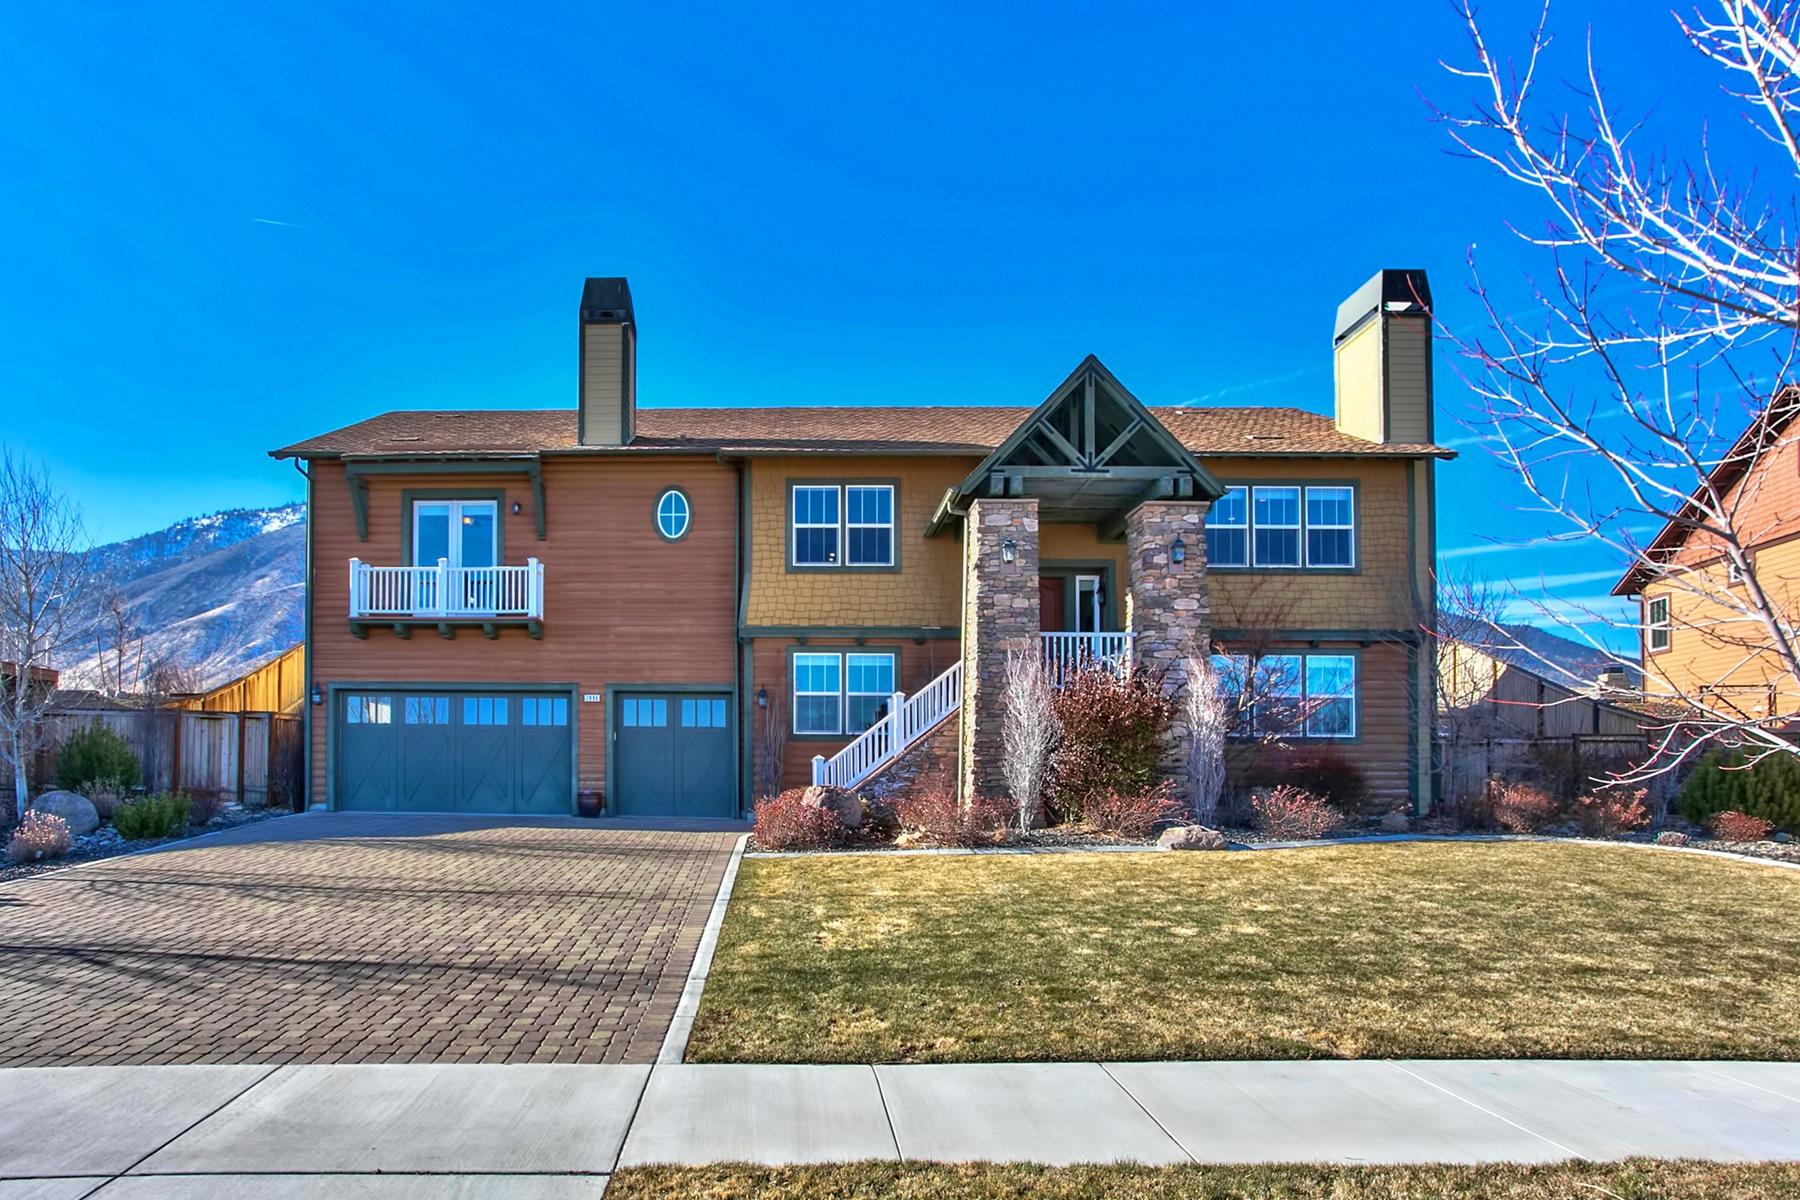 Частный односемейный дом для того Продажа на 2896 Promontory Drive Genoa, Невада, 89411 Lake Tahoe, Соединенные Штаты